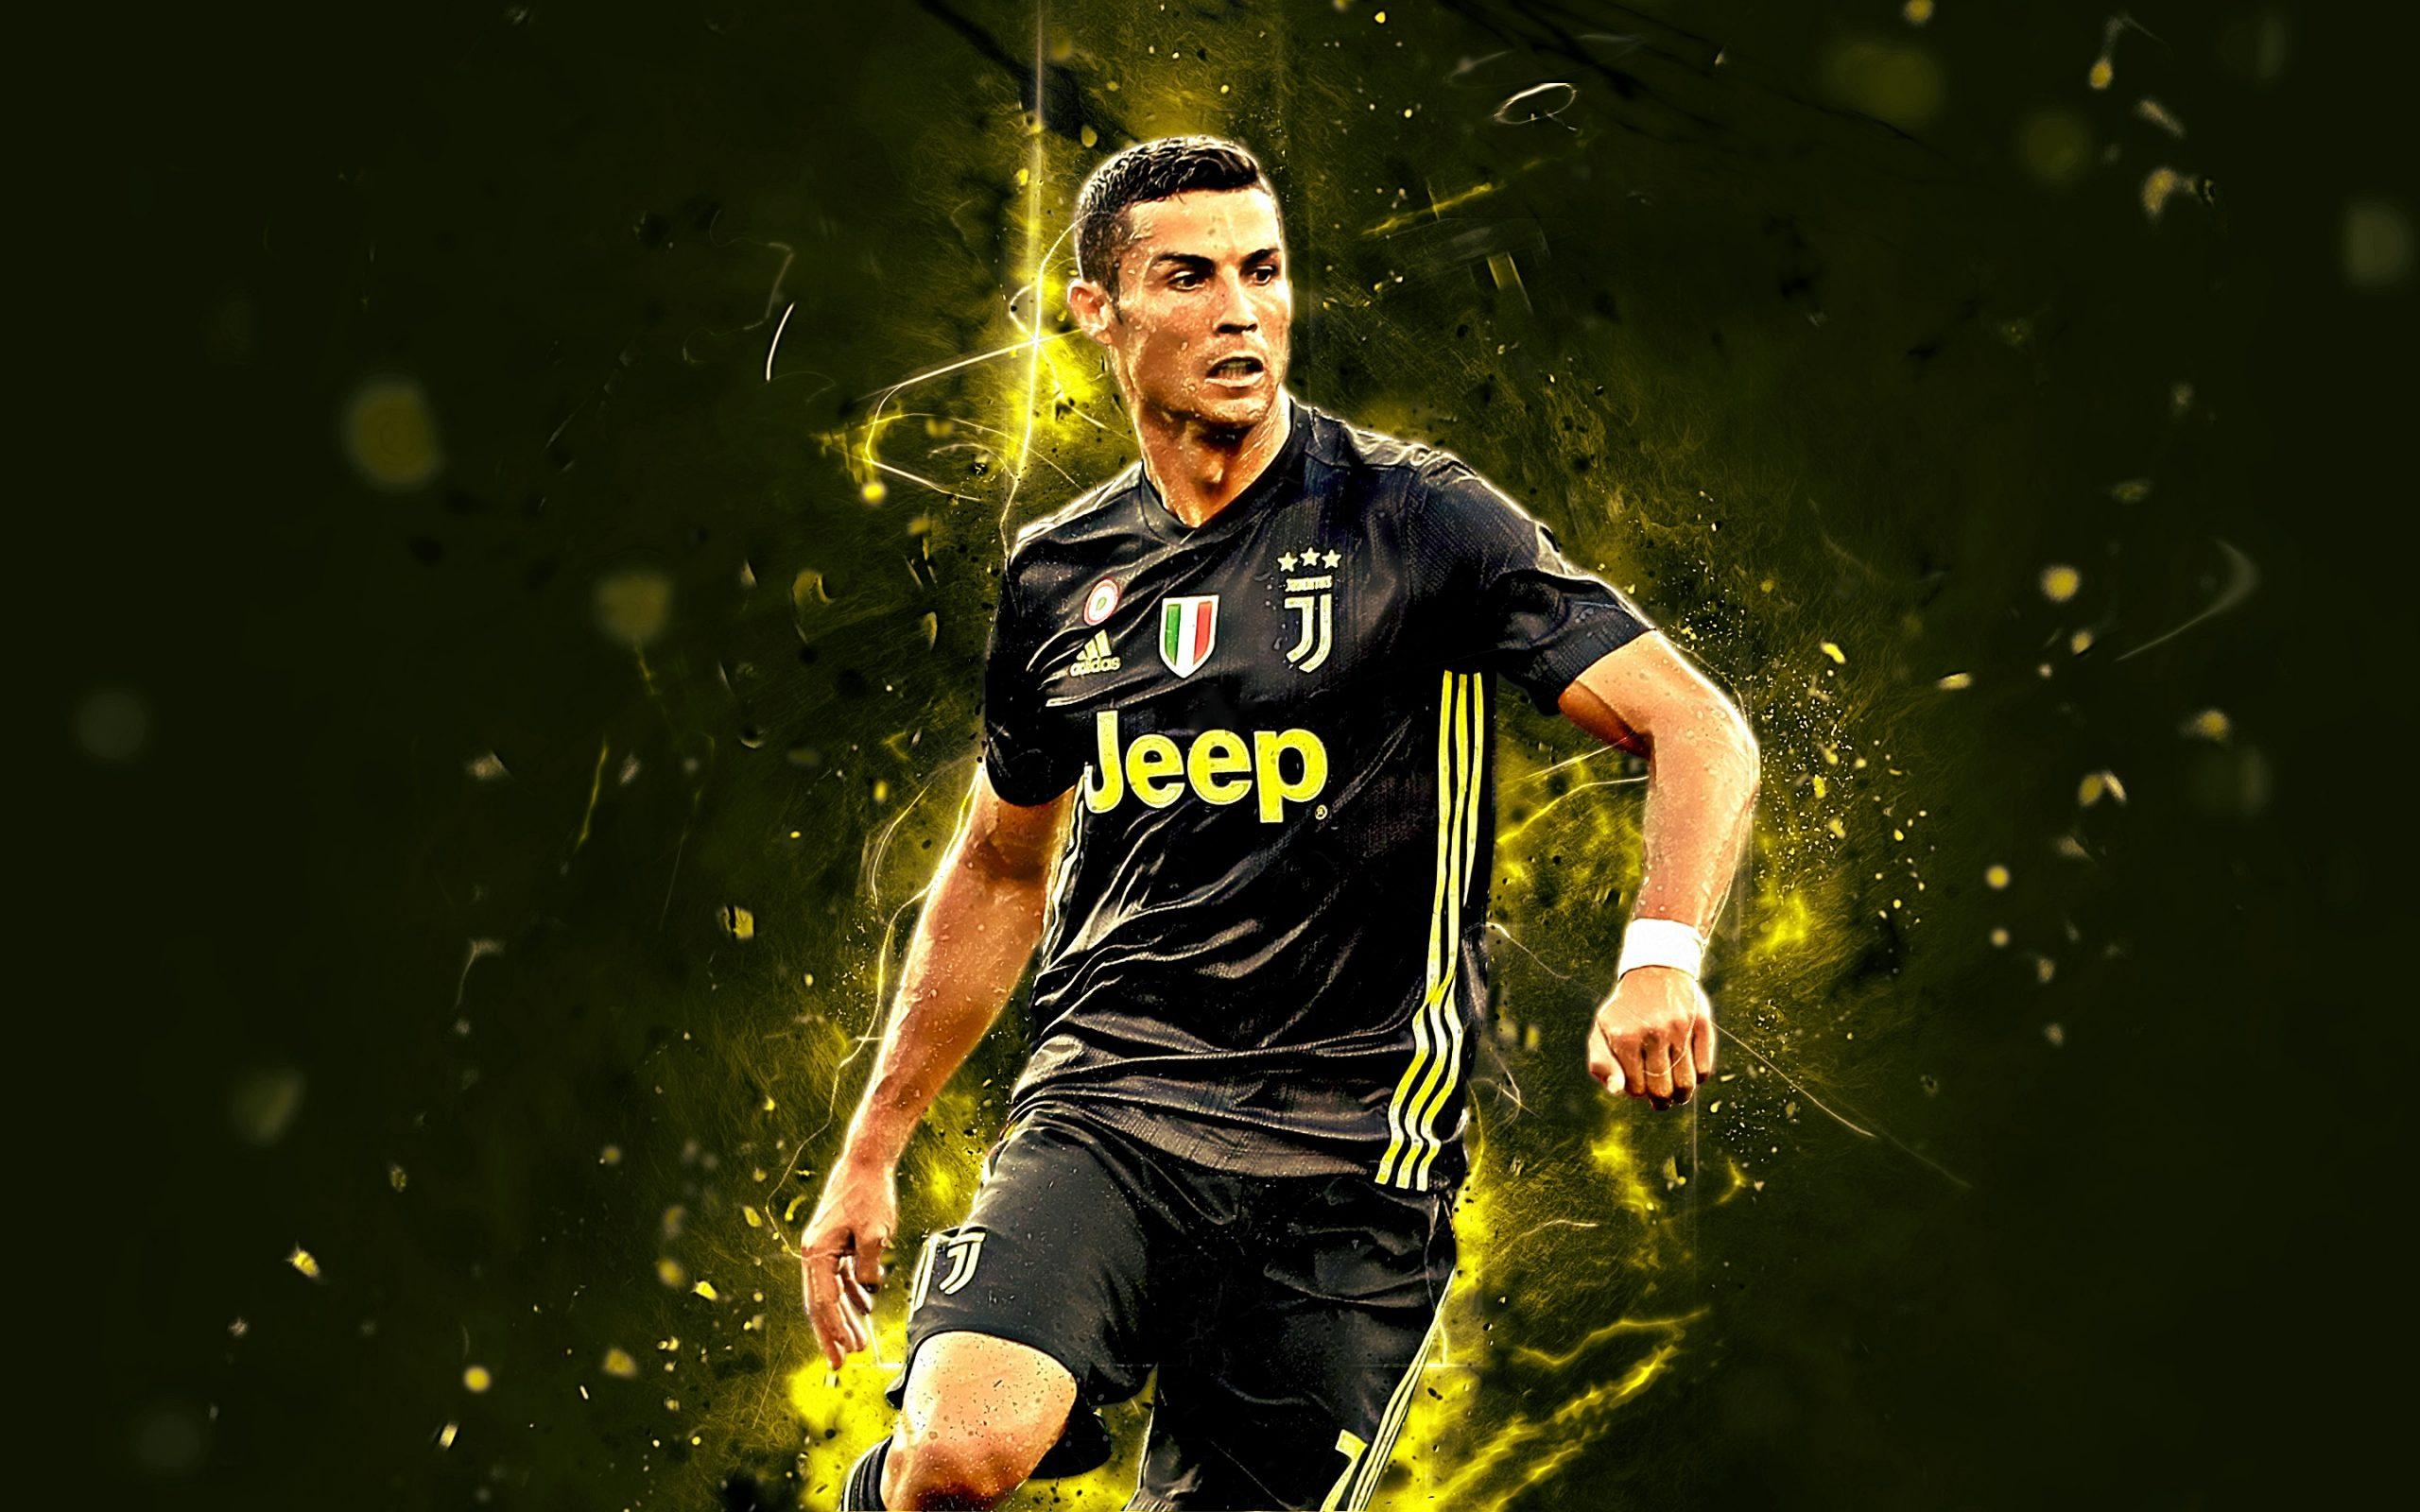 Ảnh CR7 Juventus đẹp nhất